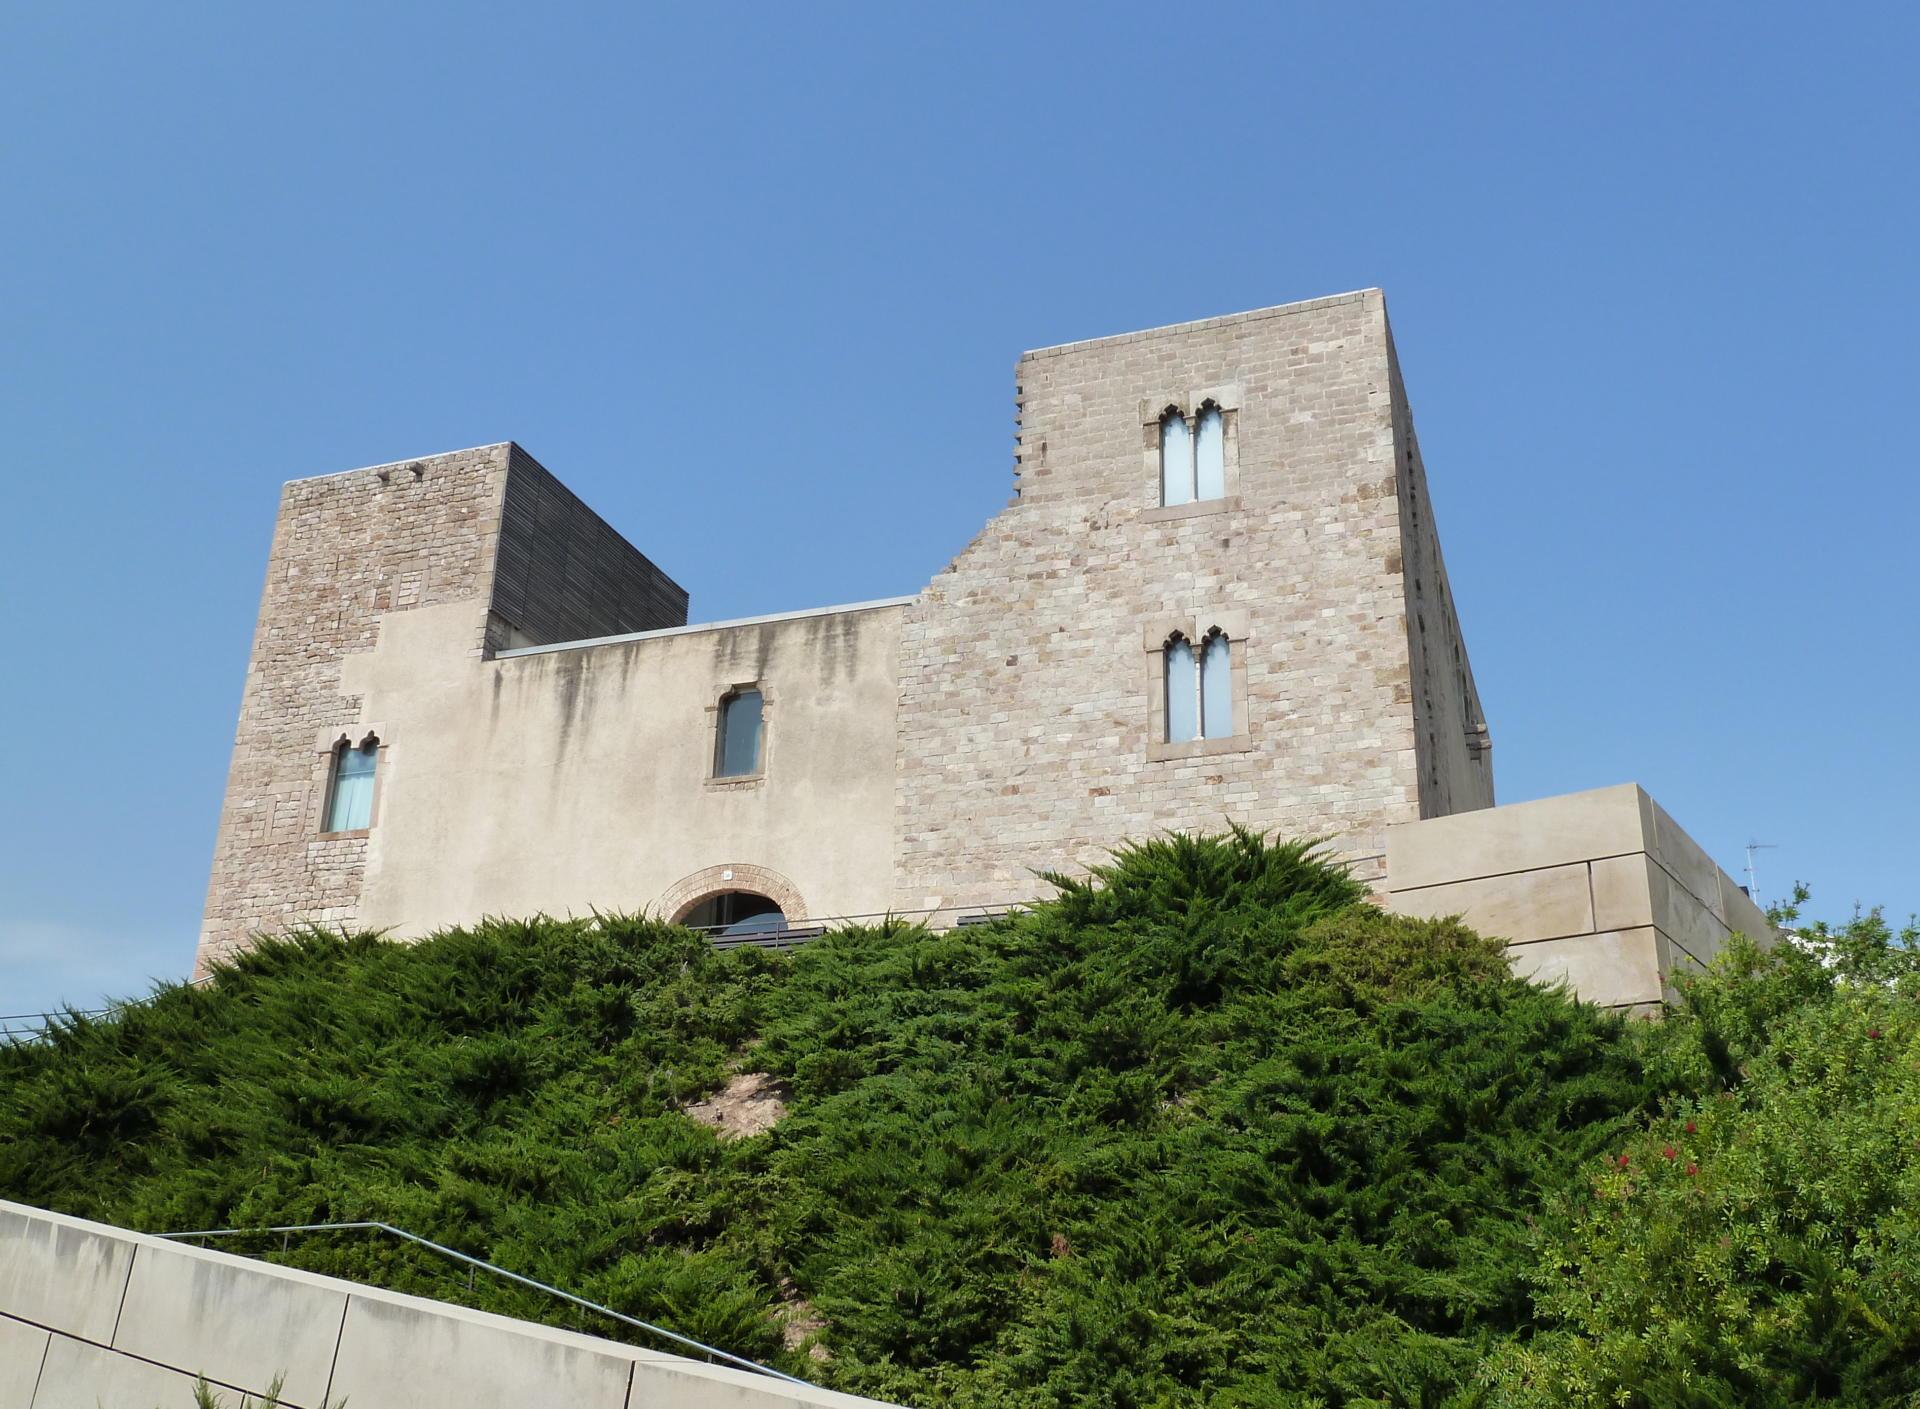 El Castell de Cornellà de Llobregat. Font: Wikimedia Commons, Deosringas.